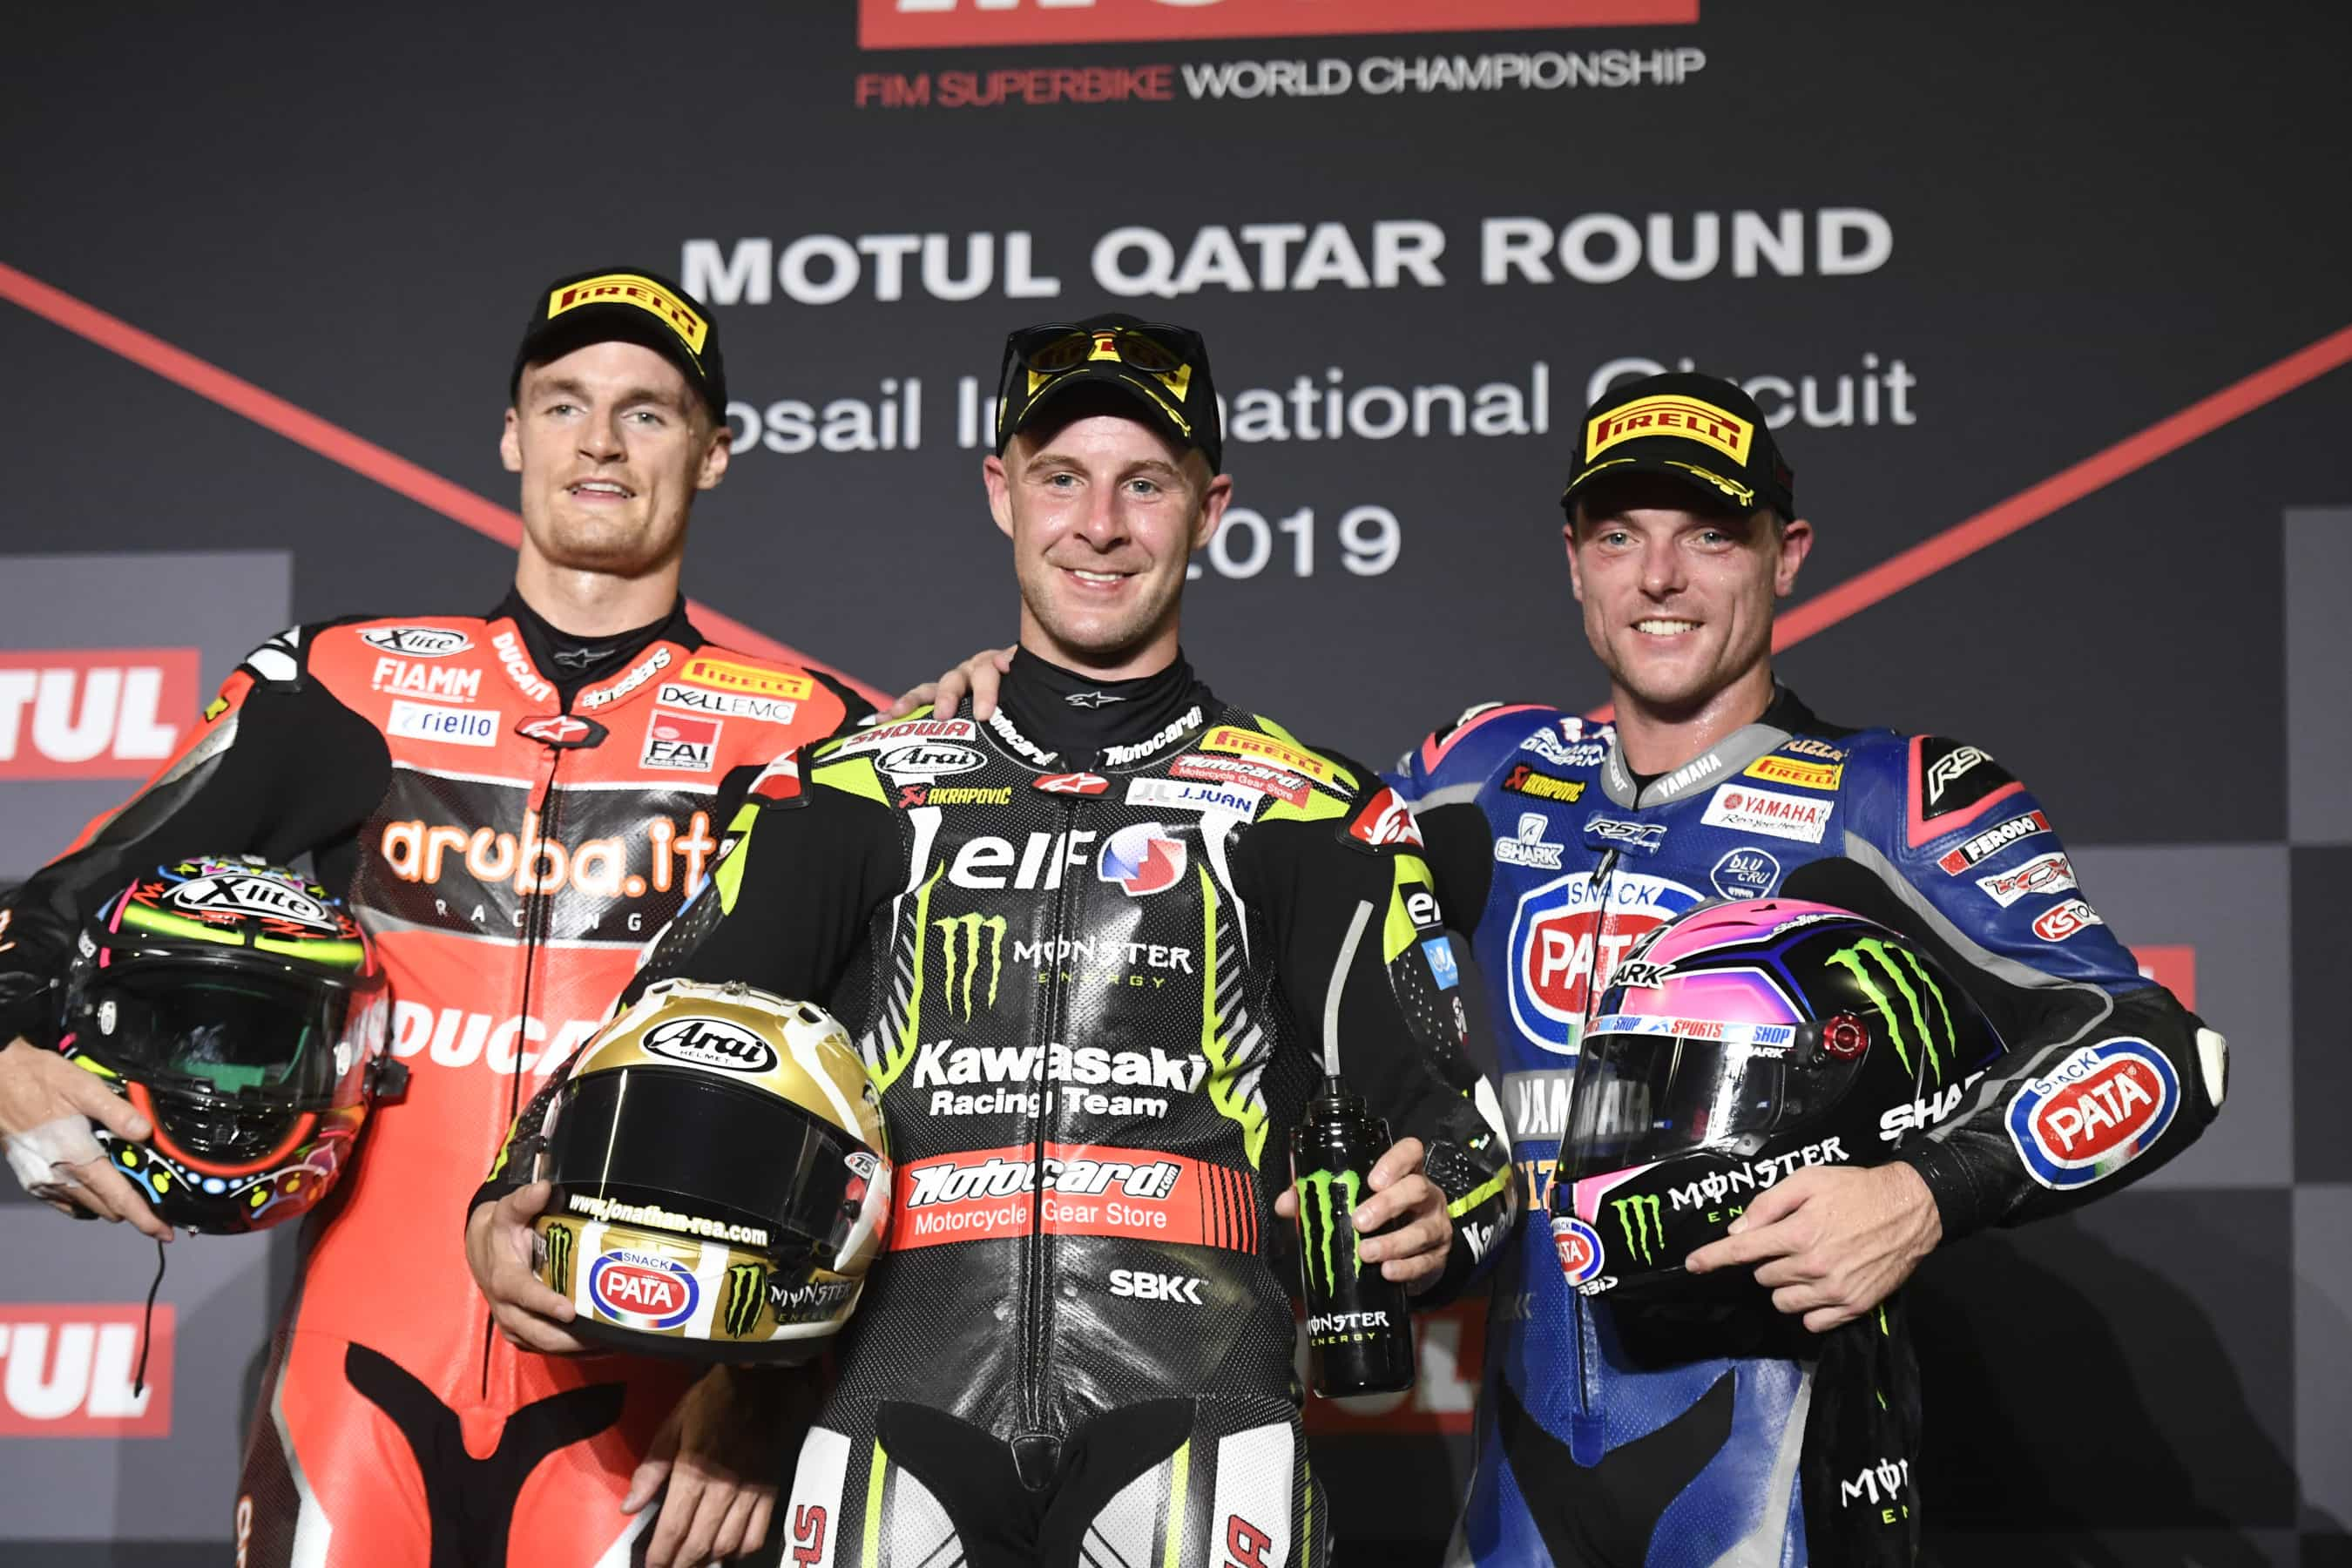 ピレリ(Pirelli) レースレポート SBKカタールのレース1でジョナサン・レイが優勝